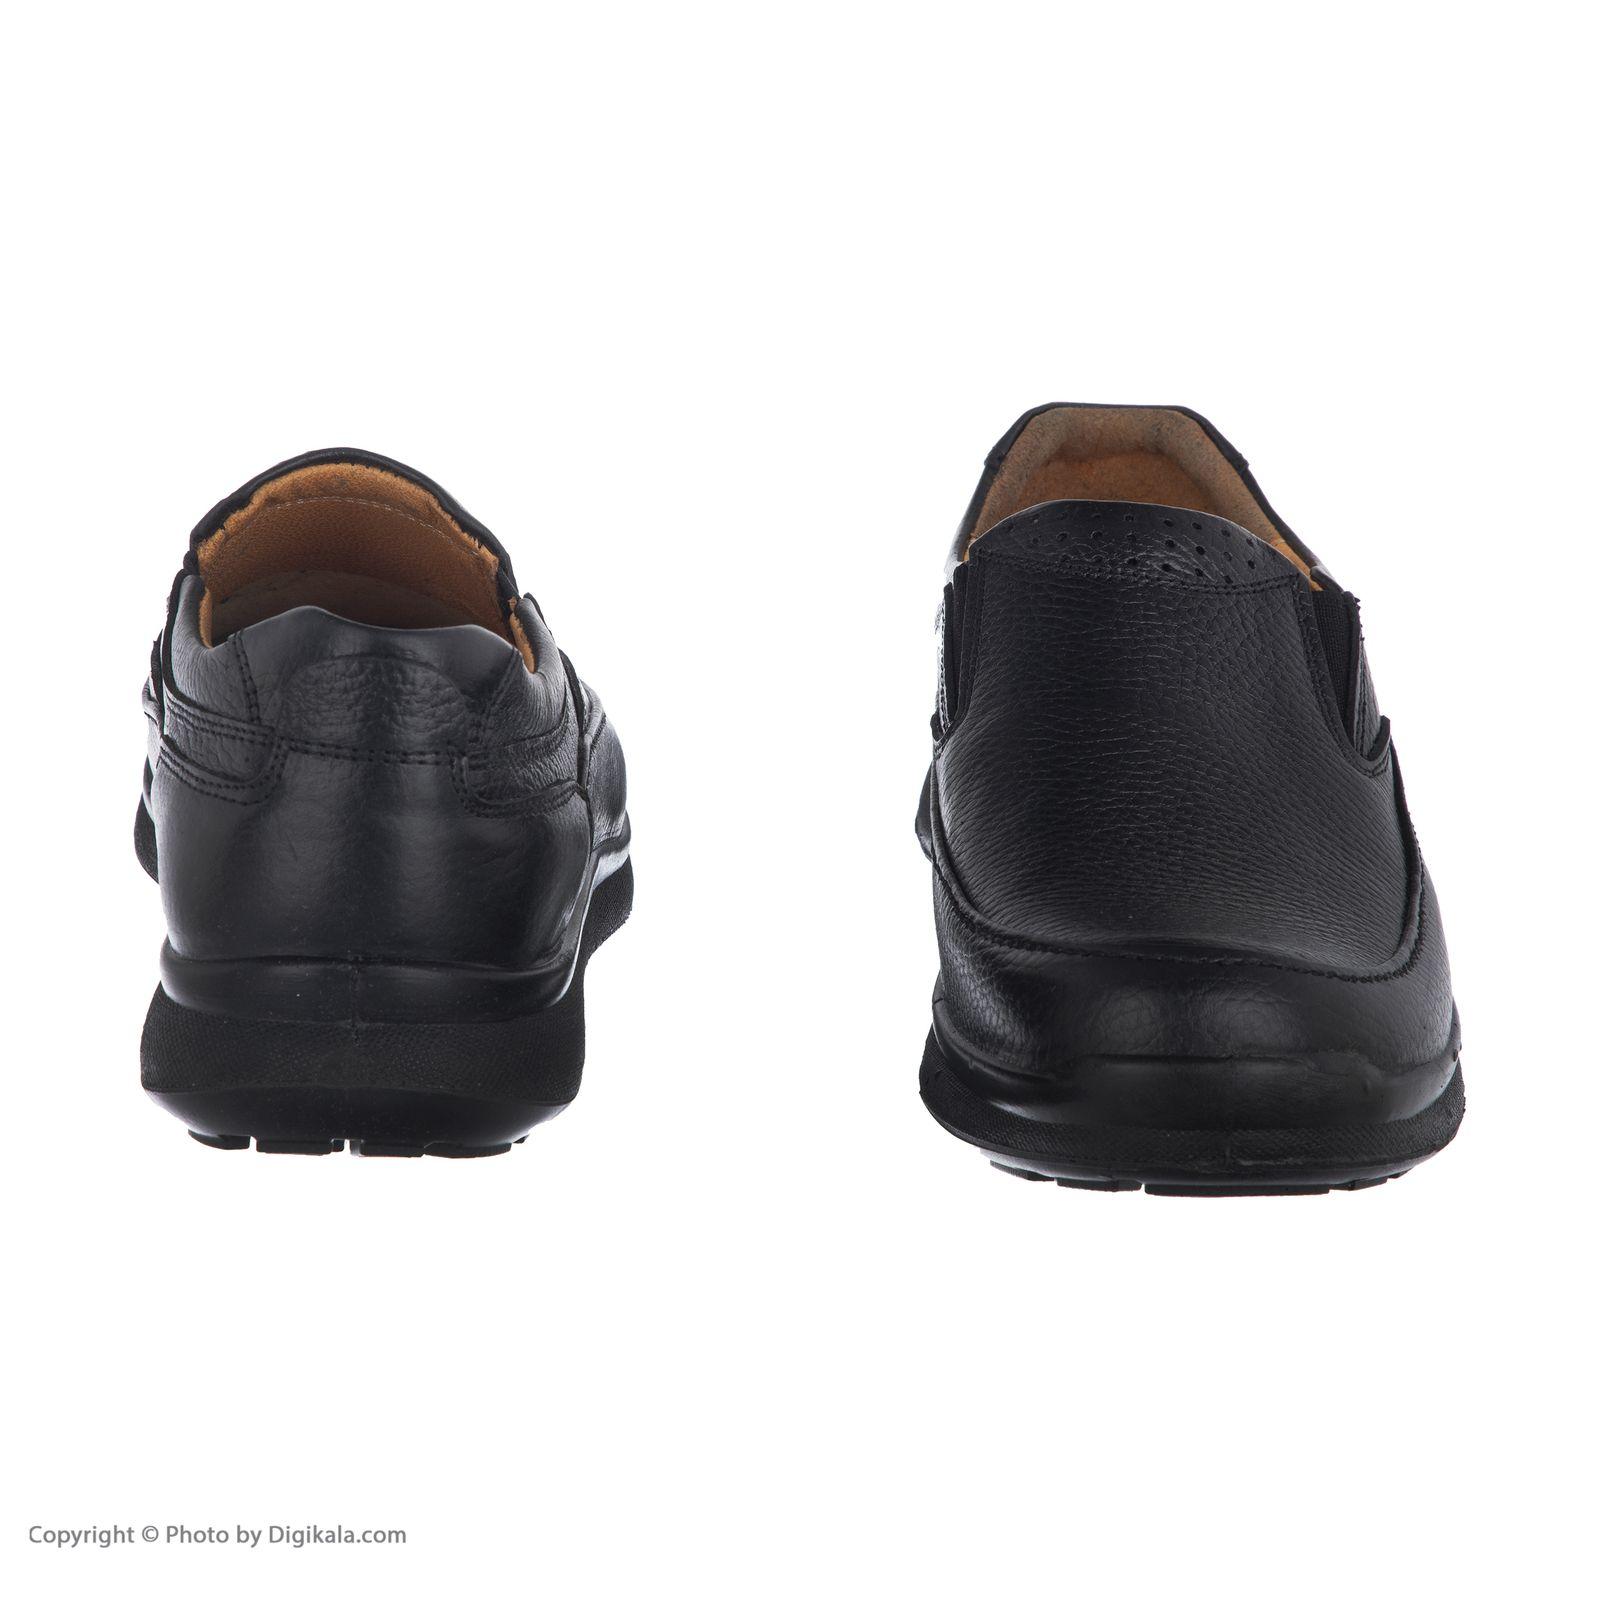 کفش روزمره مردانه آذر پلاس مدل 4401A503101 -  - 4